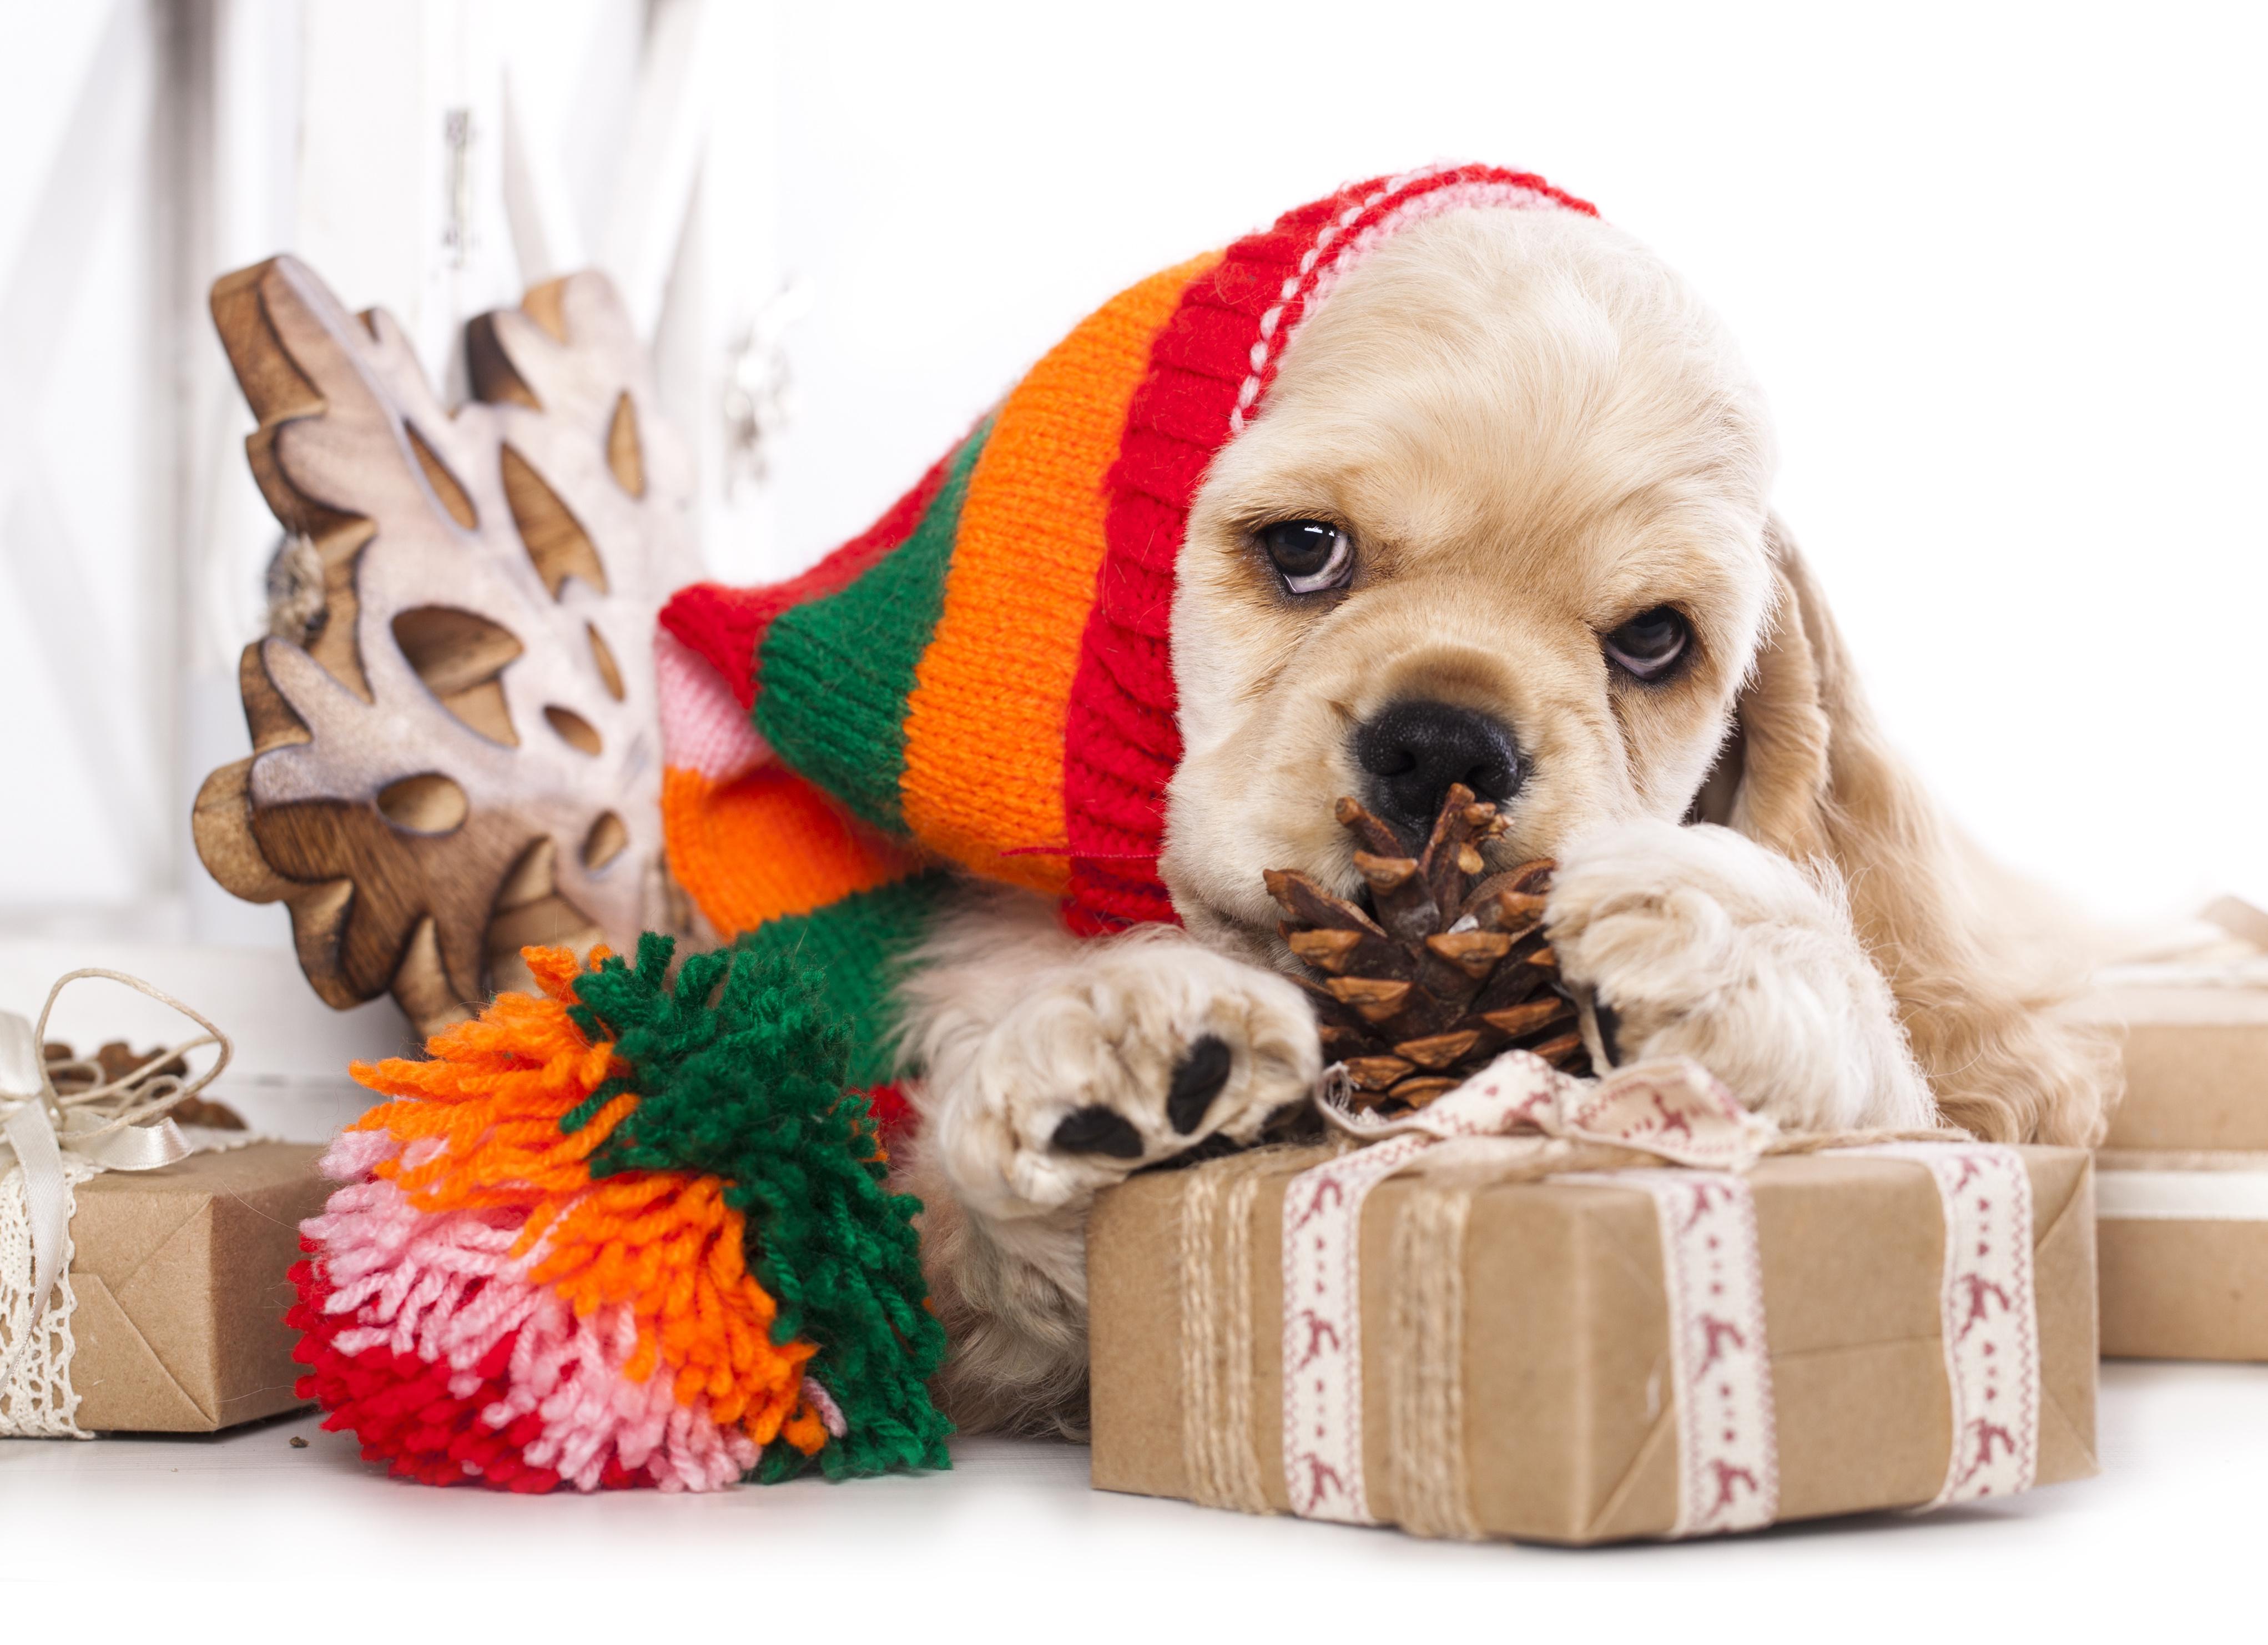 собака пакет сумка  № 1143337 бесплатно